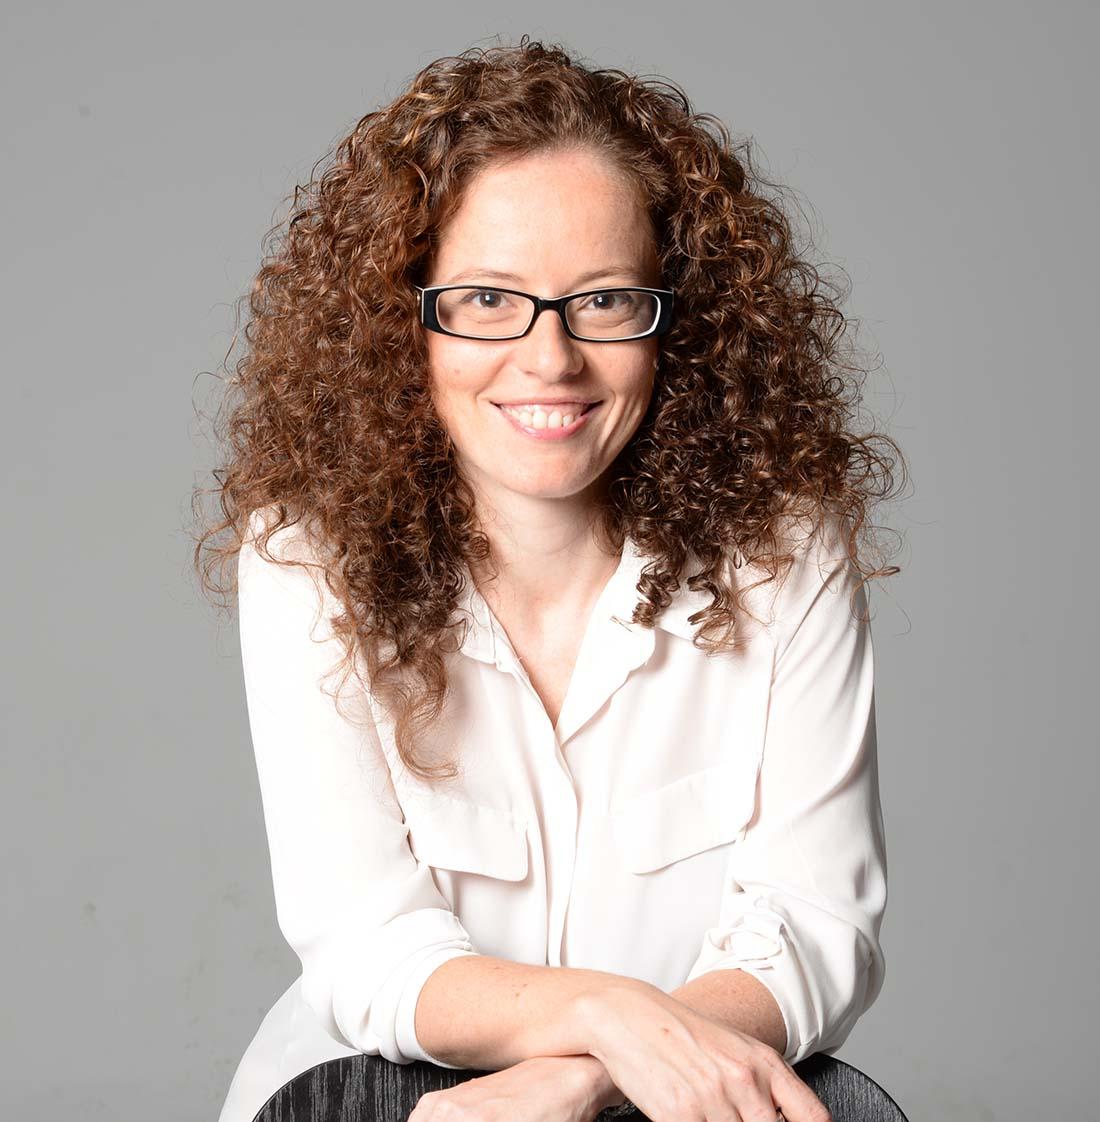 Sarah Stracquadanio